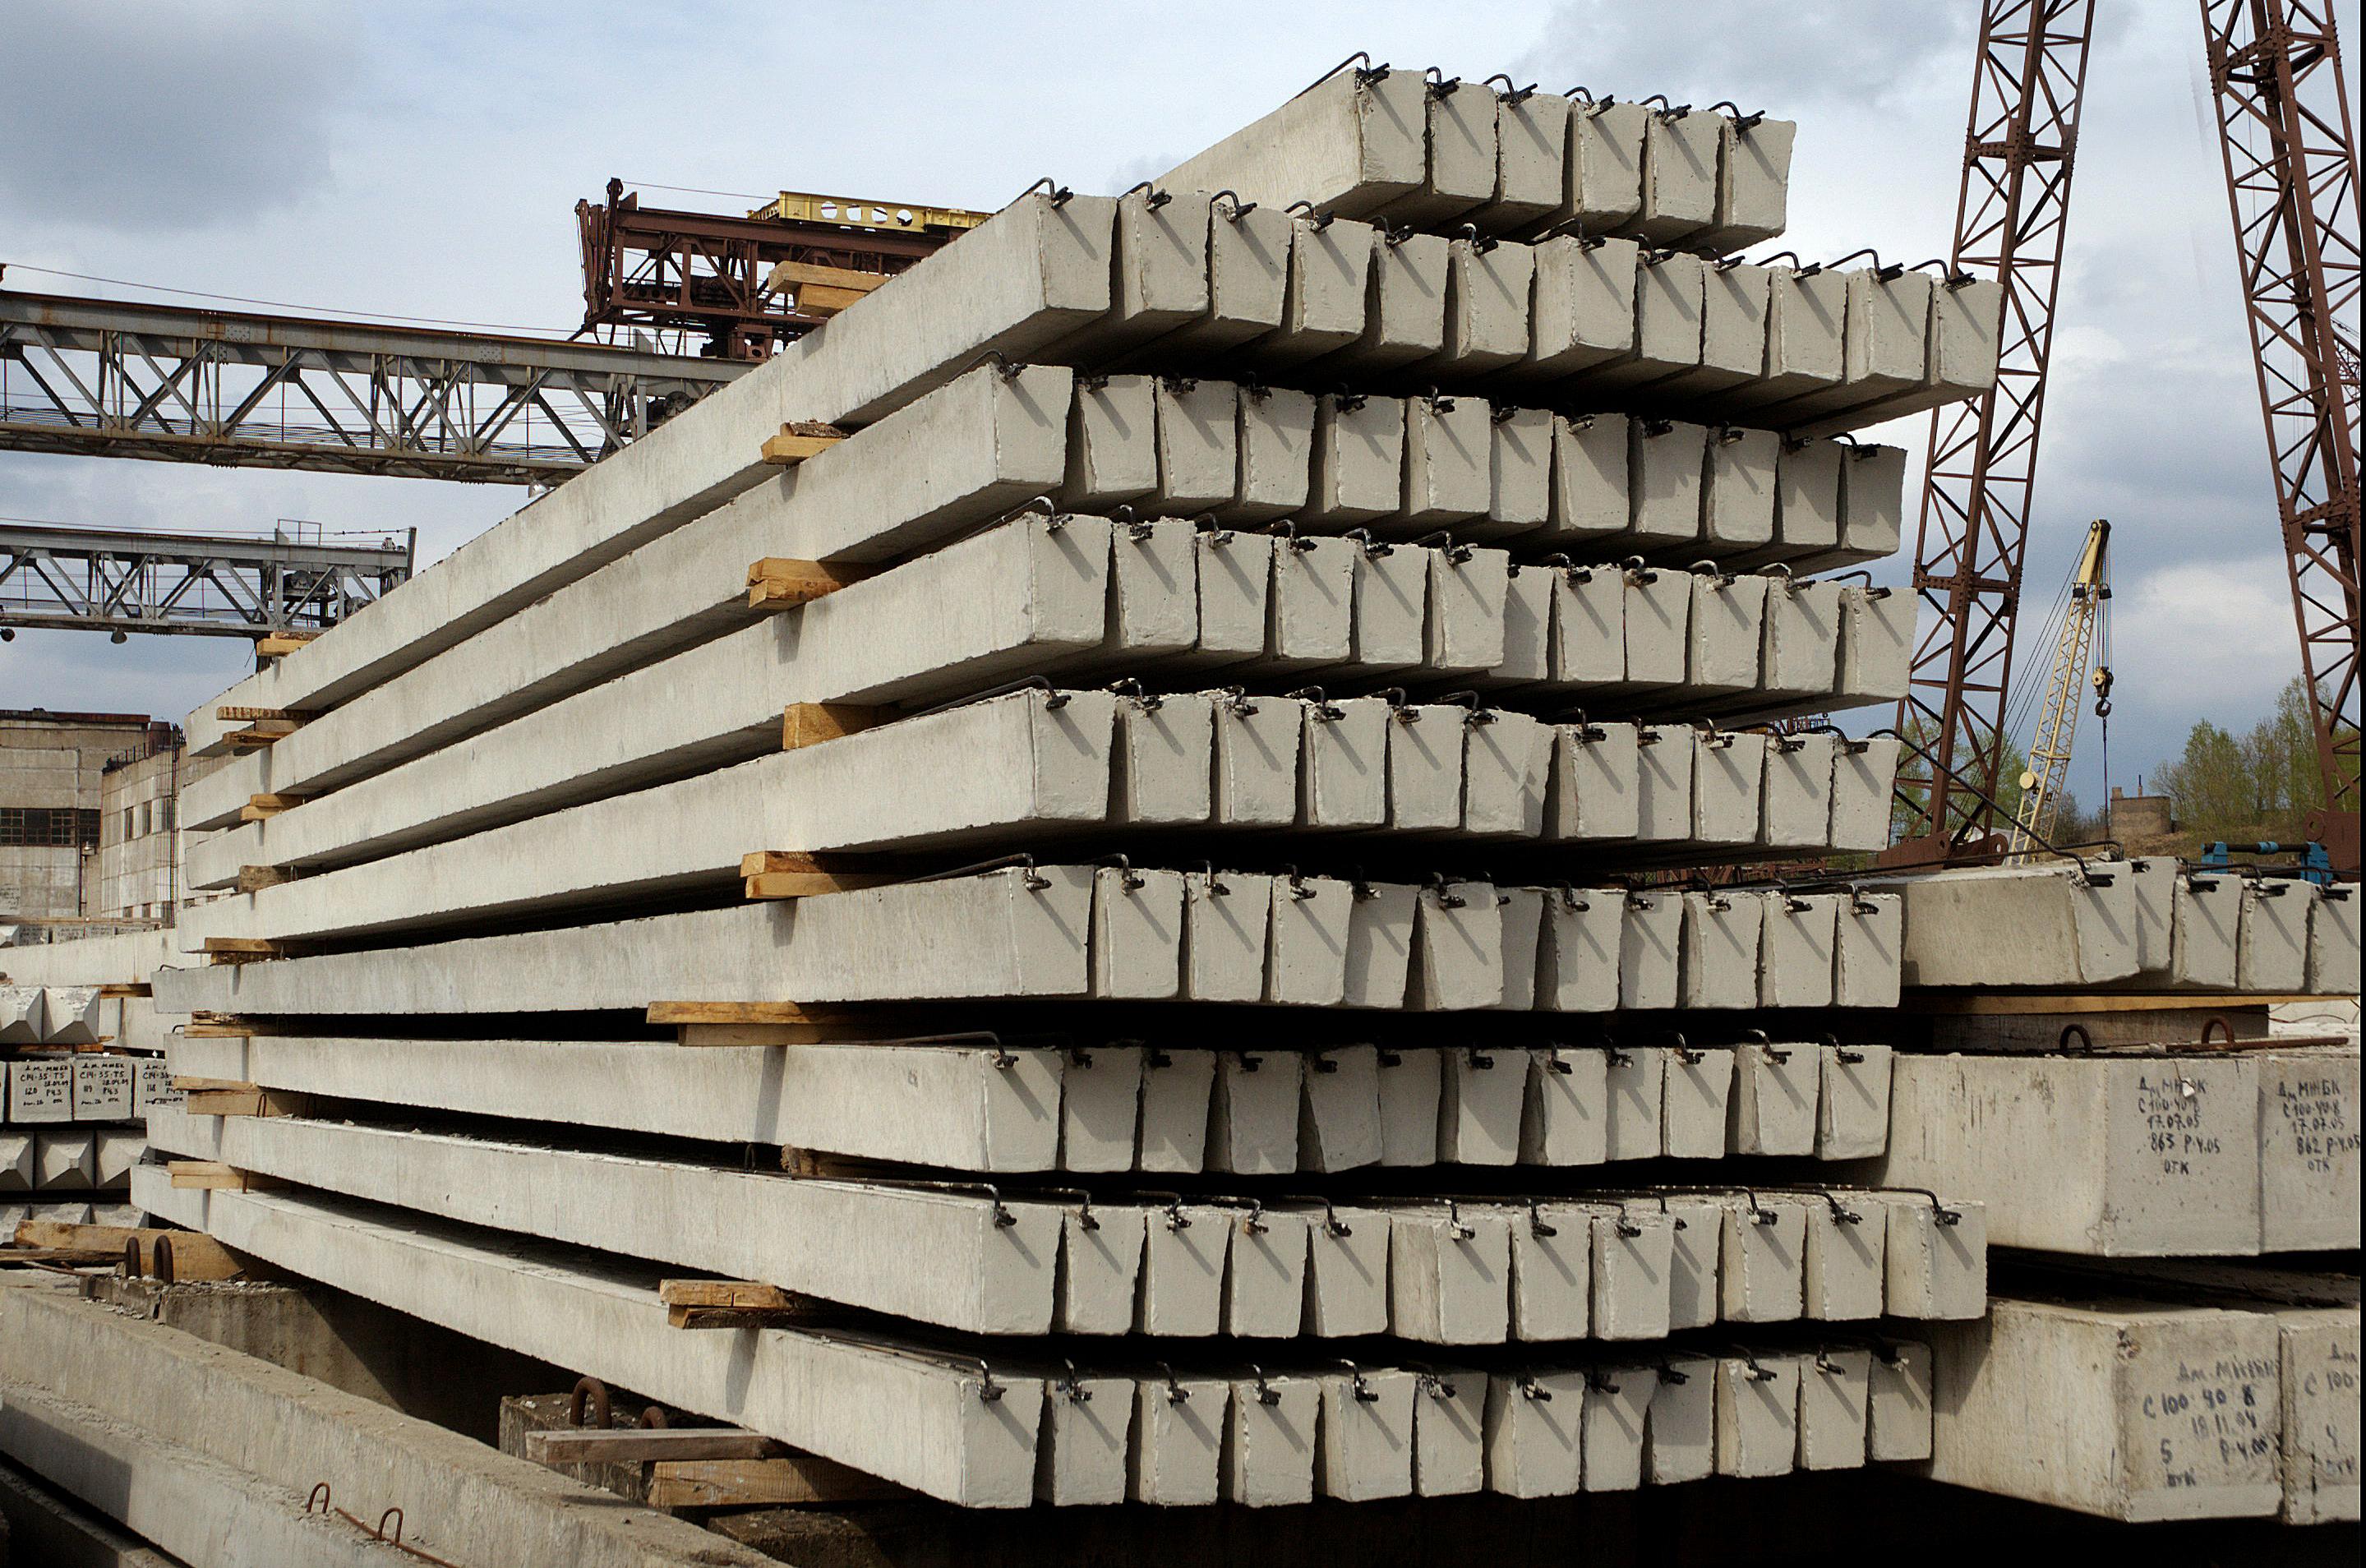 Зао сочинский завод жби должности железобетонные конструкции